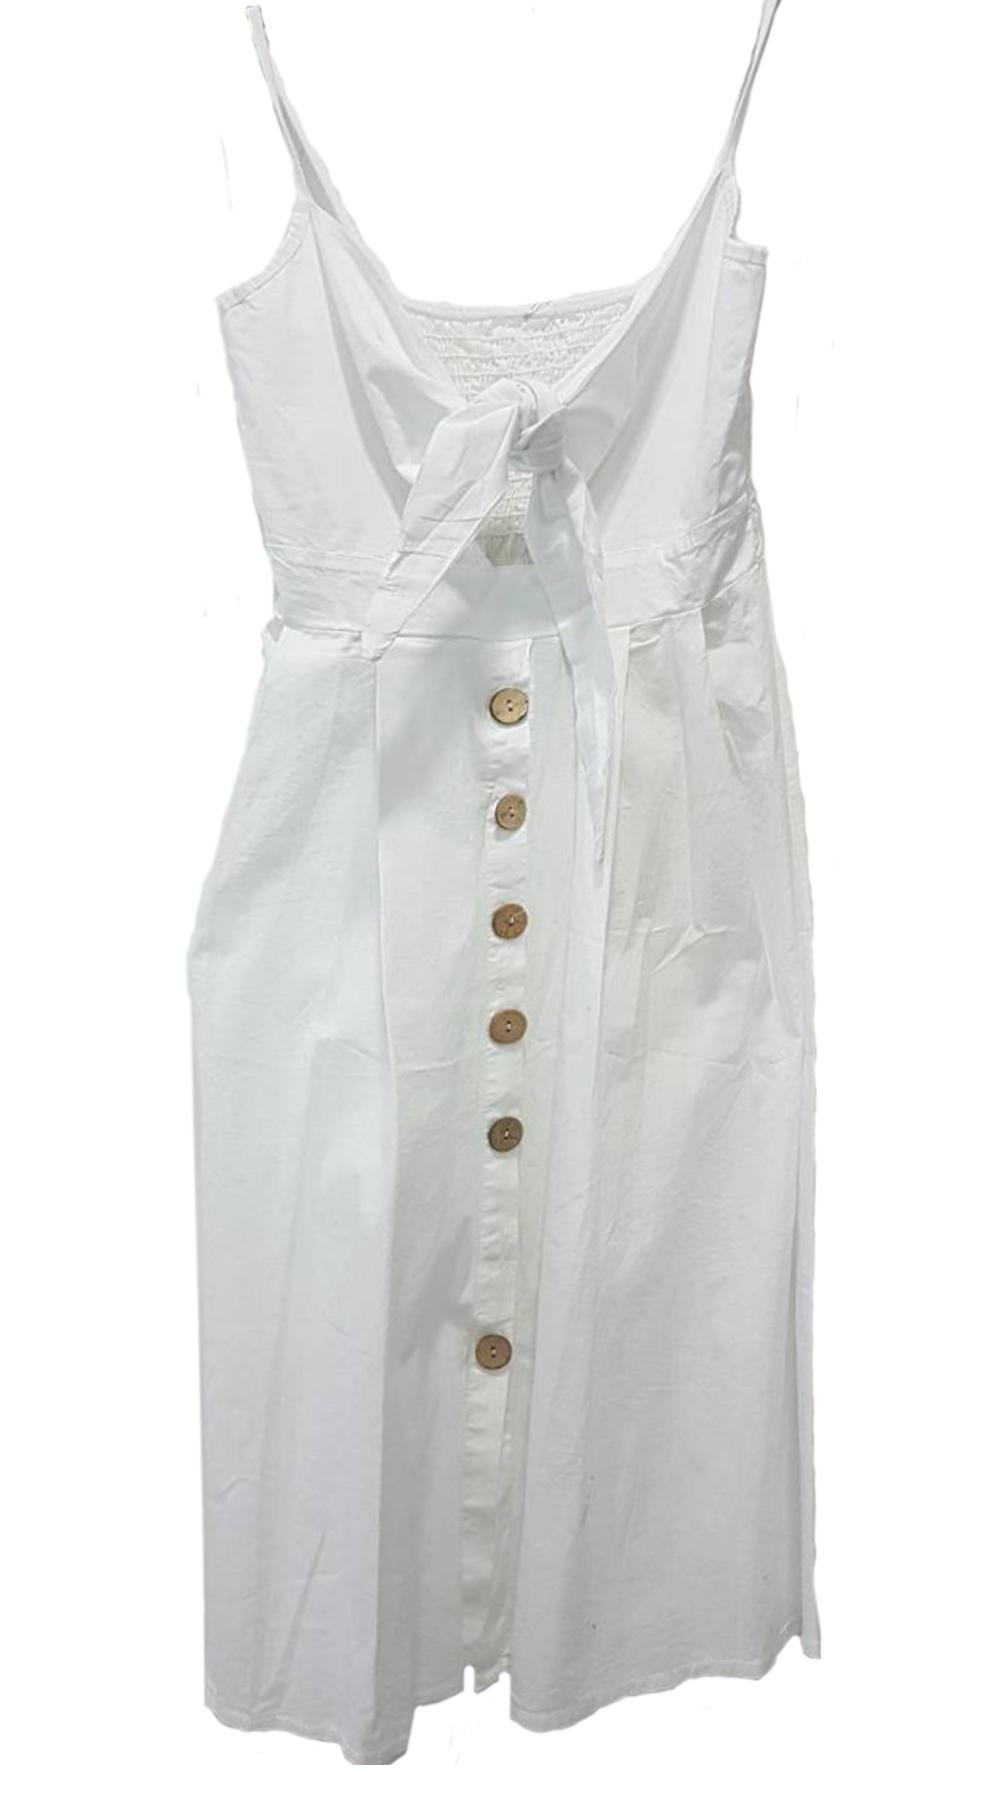 Μίντι Φόρεμα με δέσιμο στο μπούστο - MissReina - SS18SOF-57655 φορέματα so girly